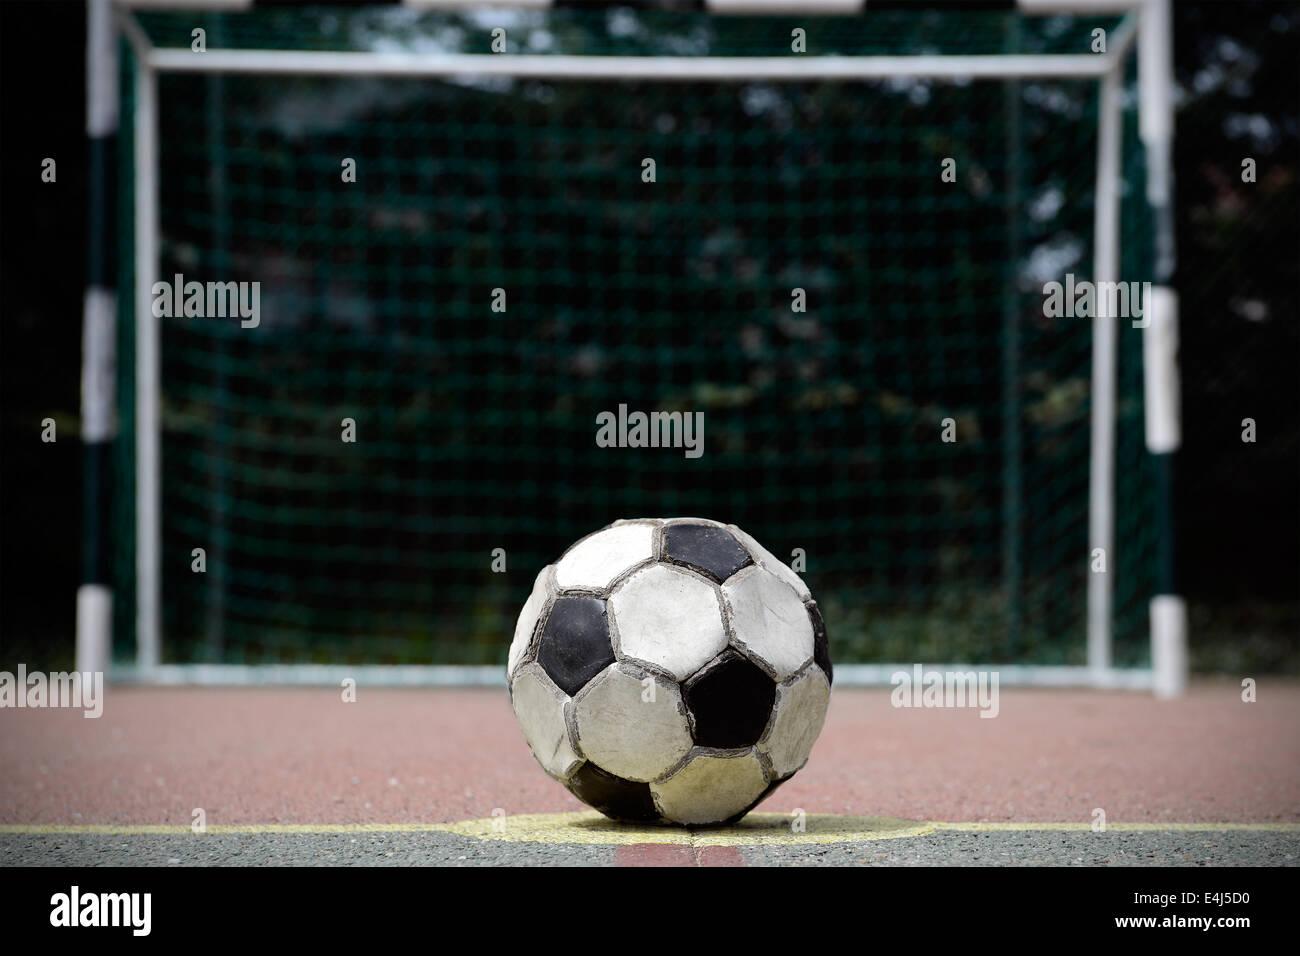 Alte und gebrauchte Fußball auf einer Zement-Spielfeld Stockbild